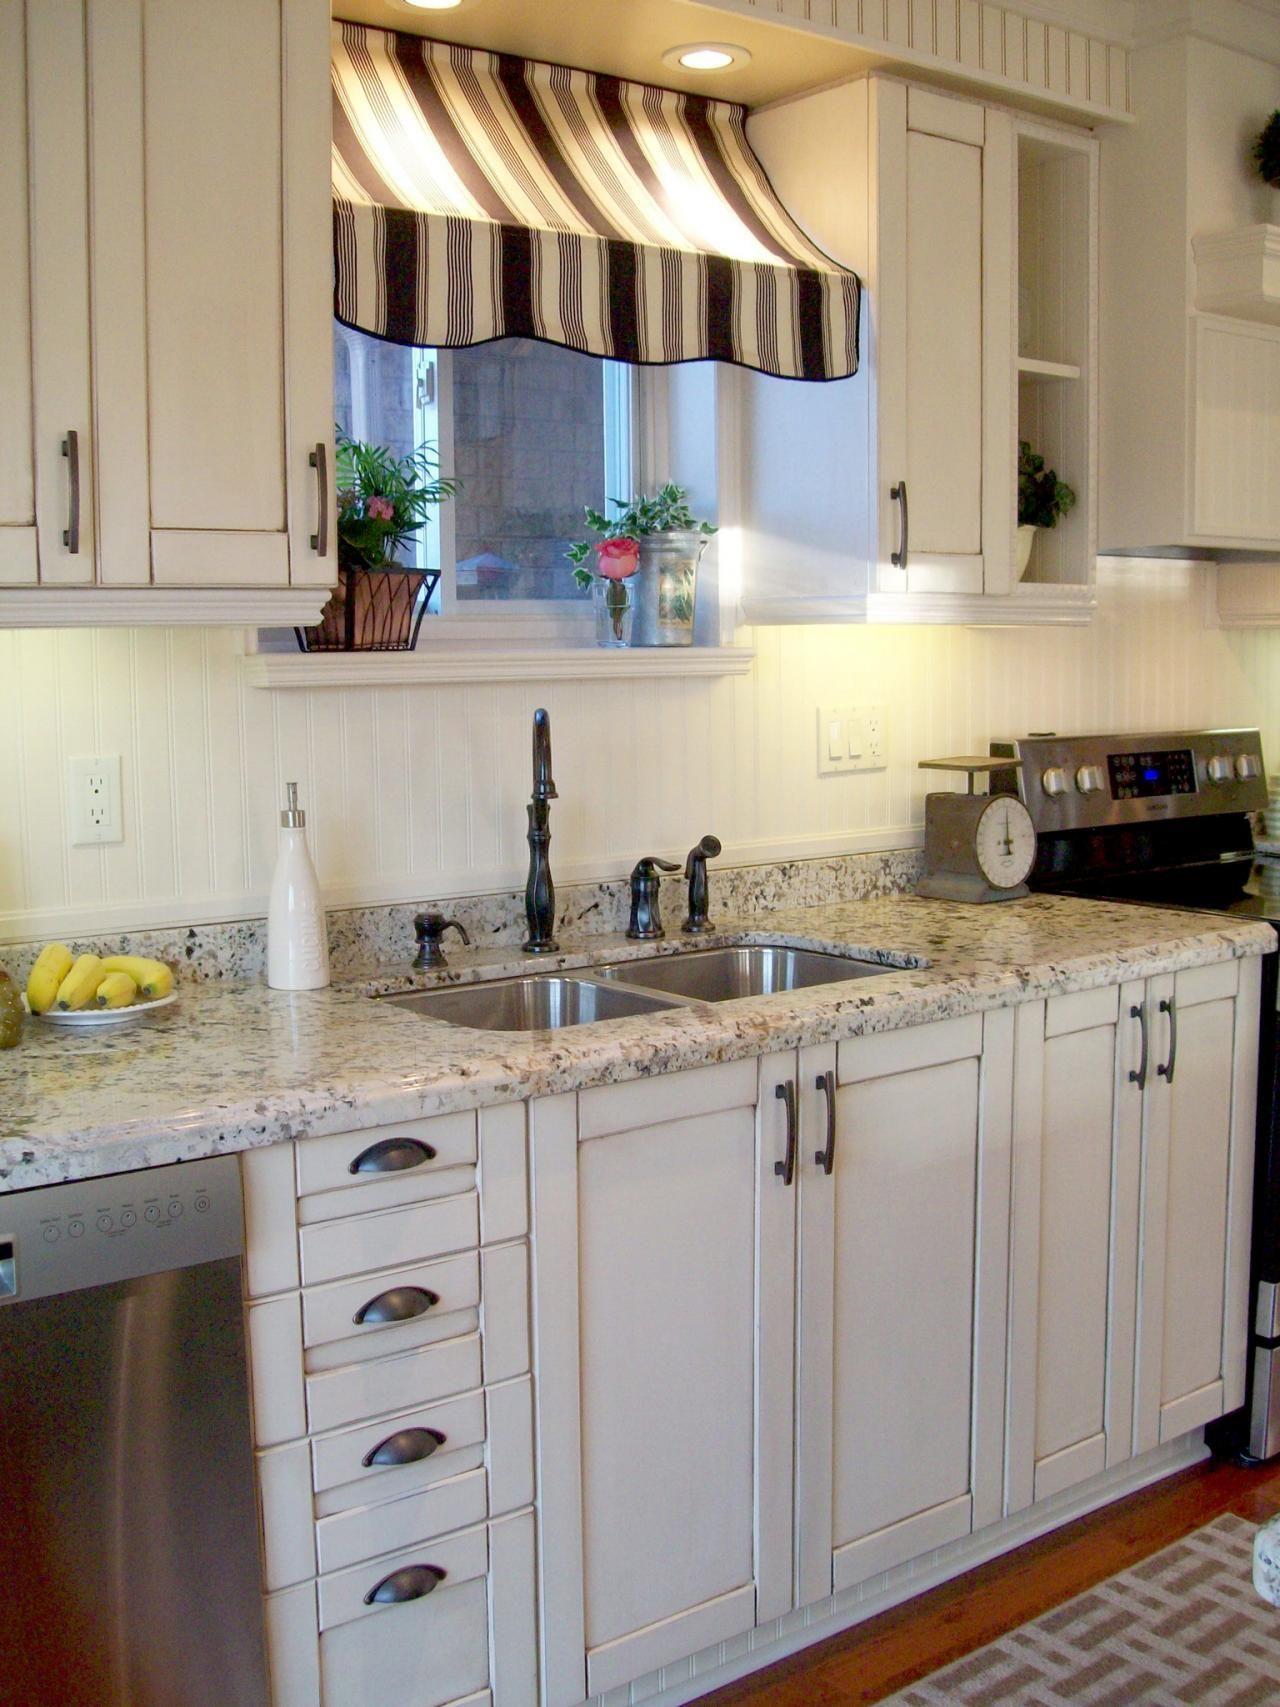 Cafe Kitchen Decorating Ideas Kitchen Decor Bistro Kitchen Kitchen Remodel Small